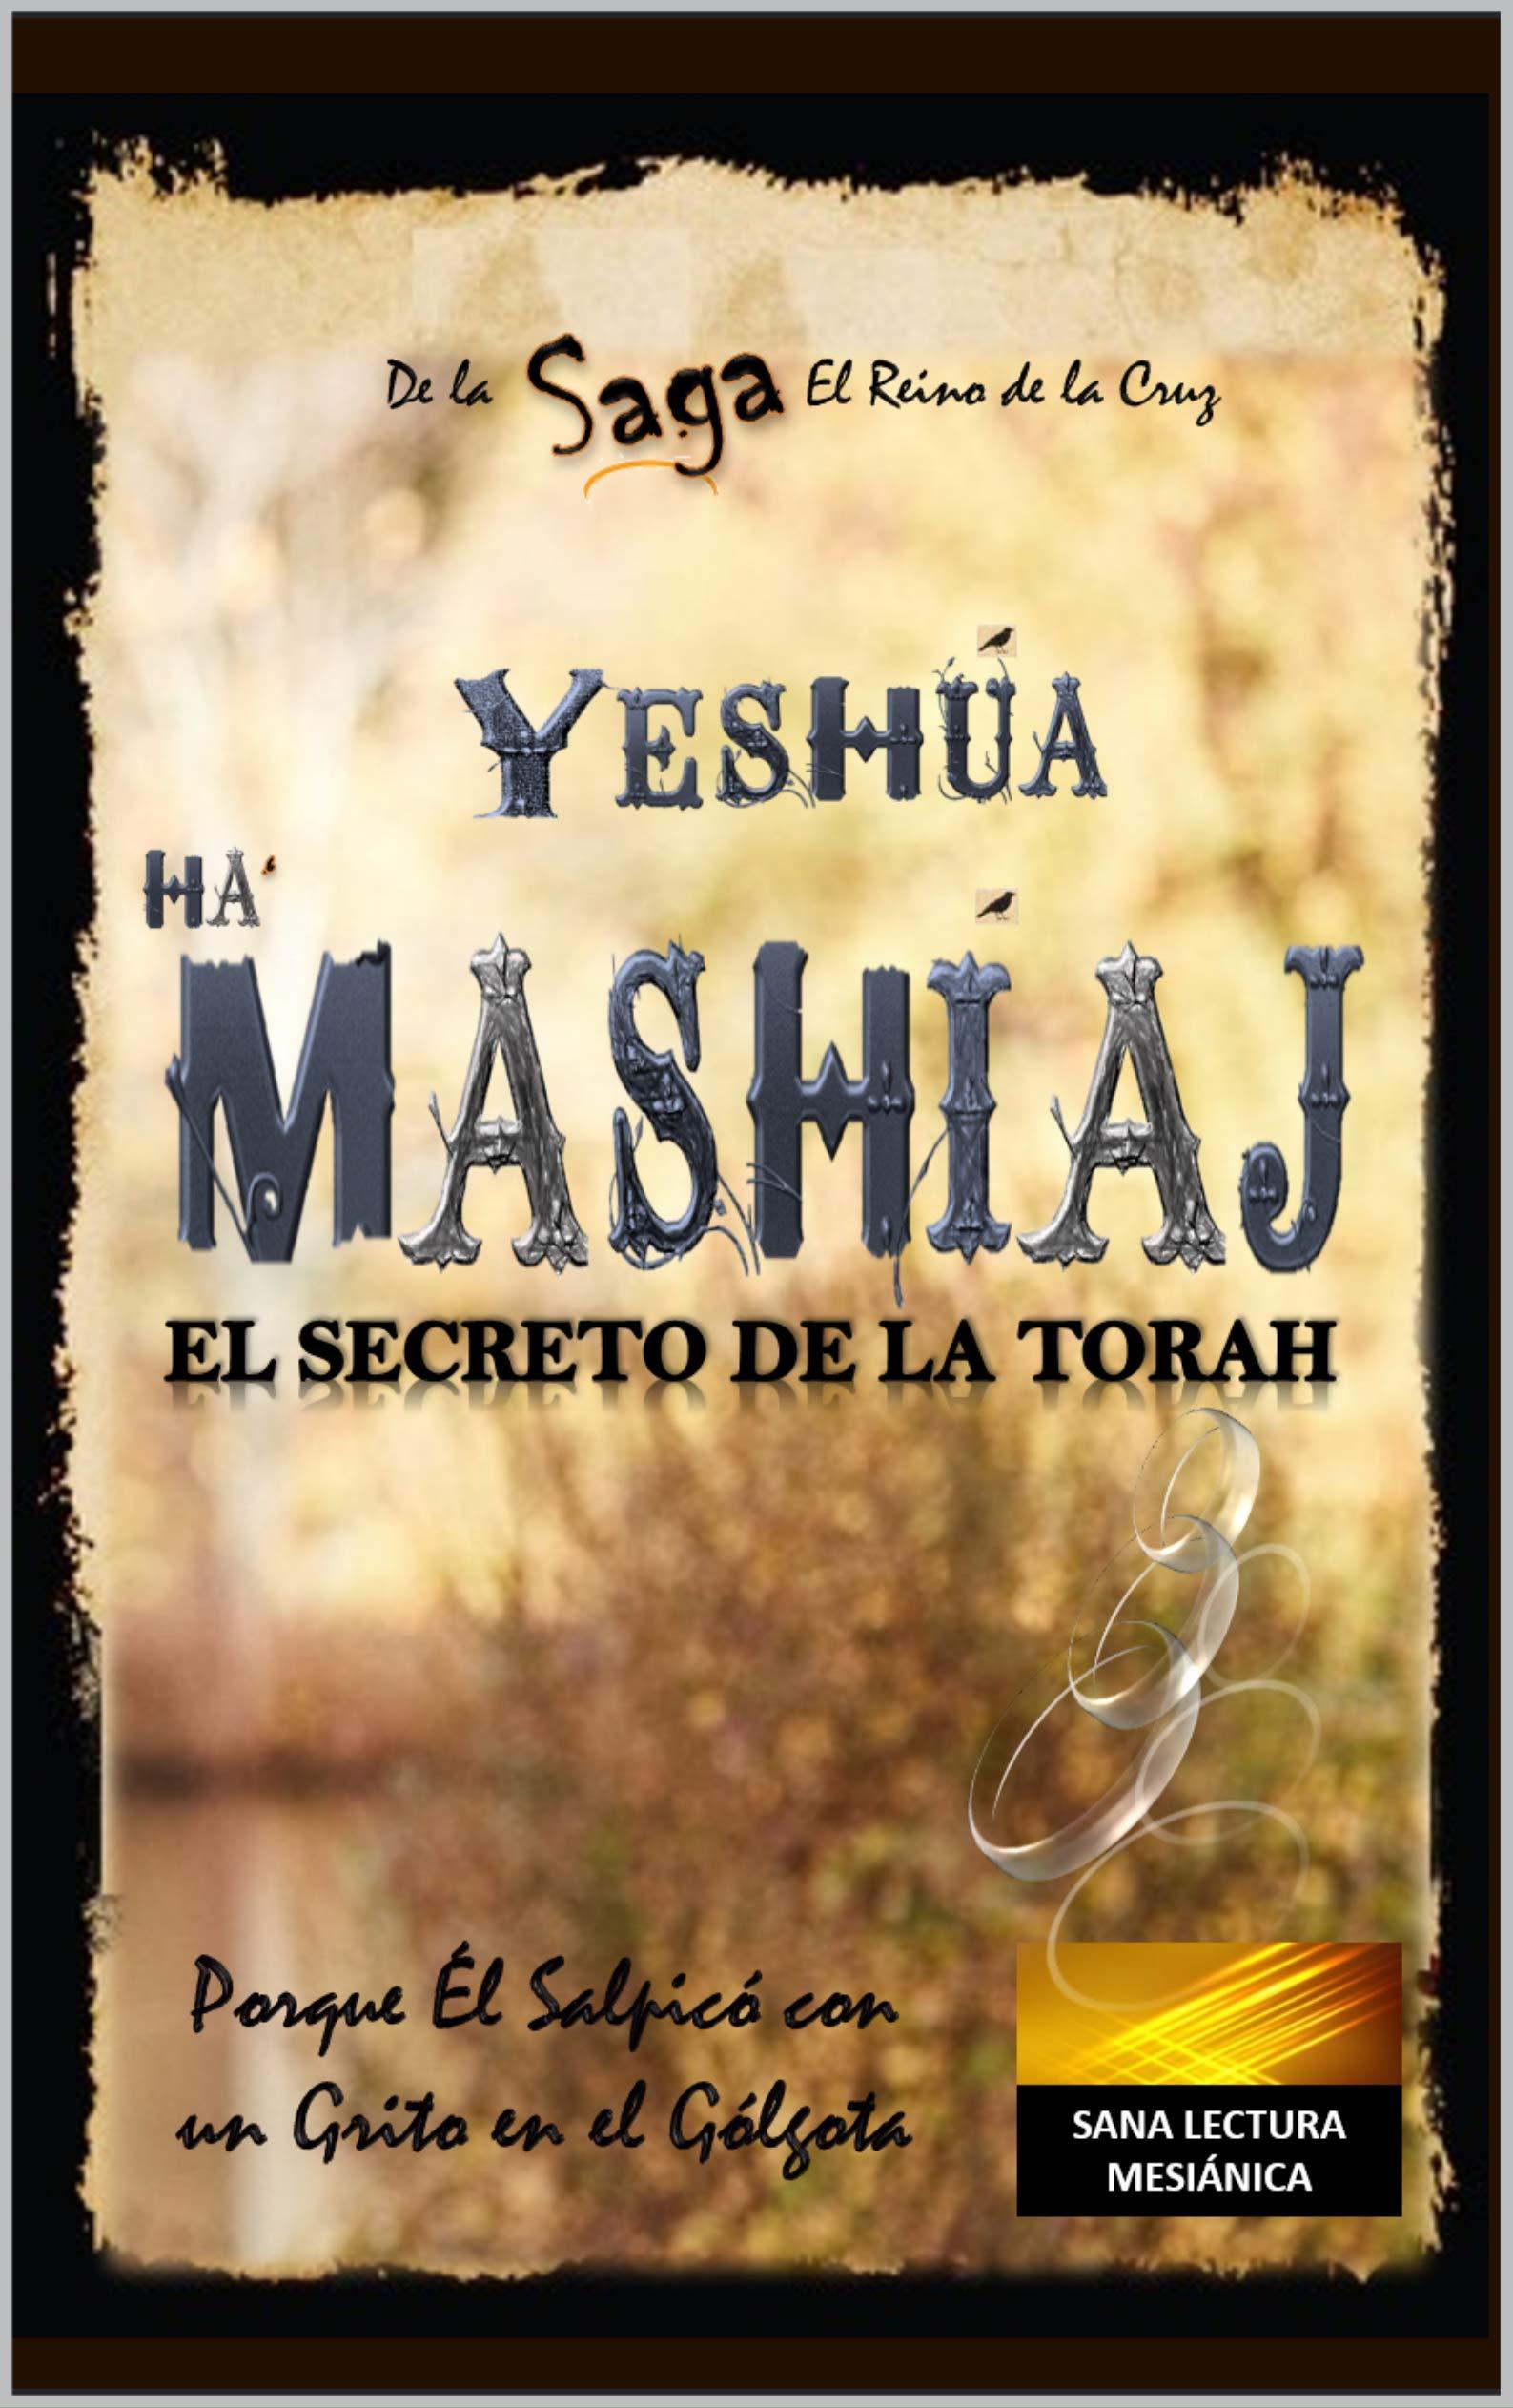 YESHÚA HAMASHÍAJ EL SECRETO DE LA TORAH - (SAGA - El Reino de La Cruz Cap.1): Porque Él Salpicó  Con un Grito en el Gólgota